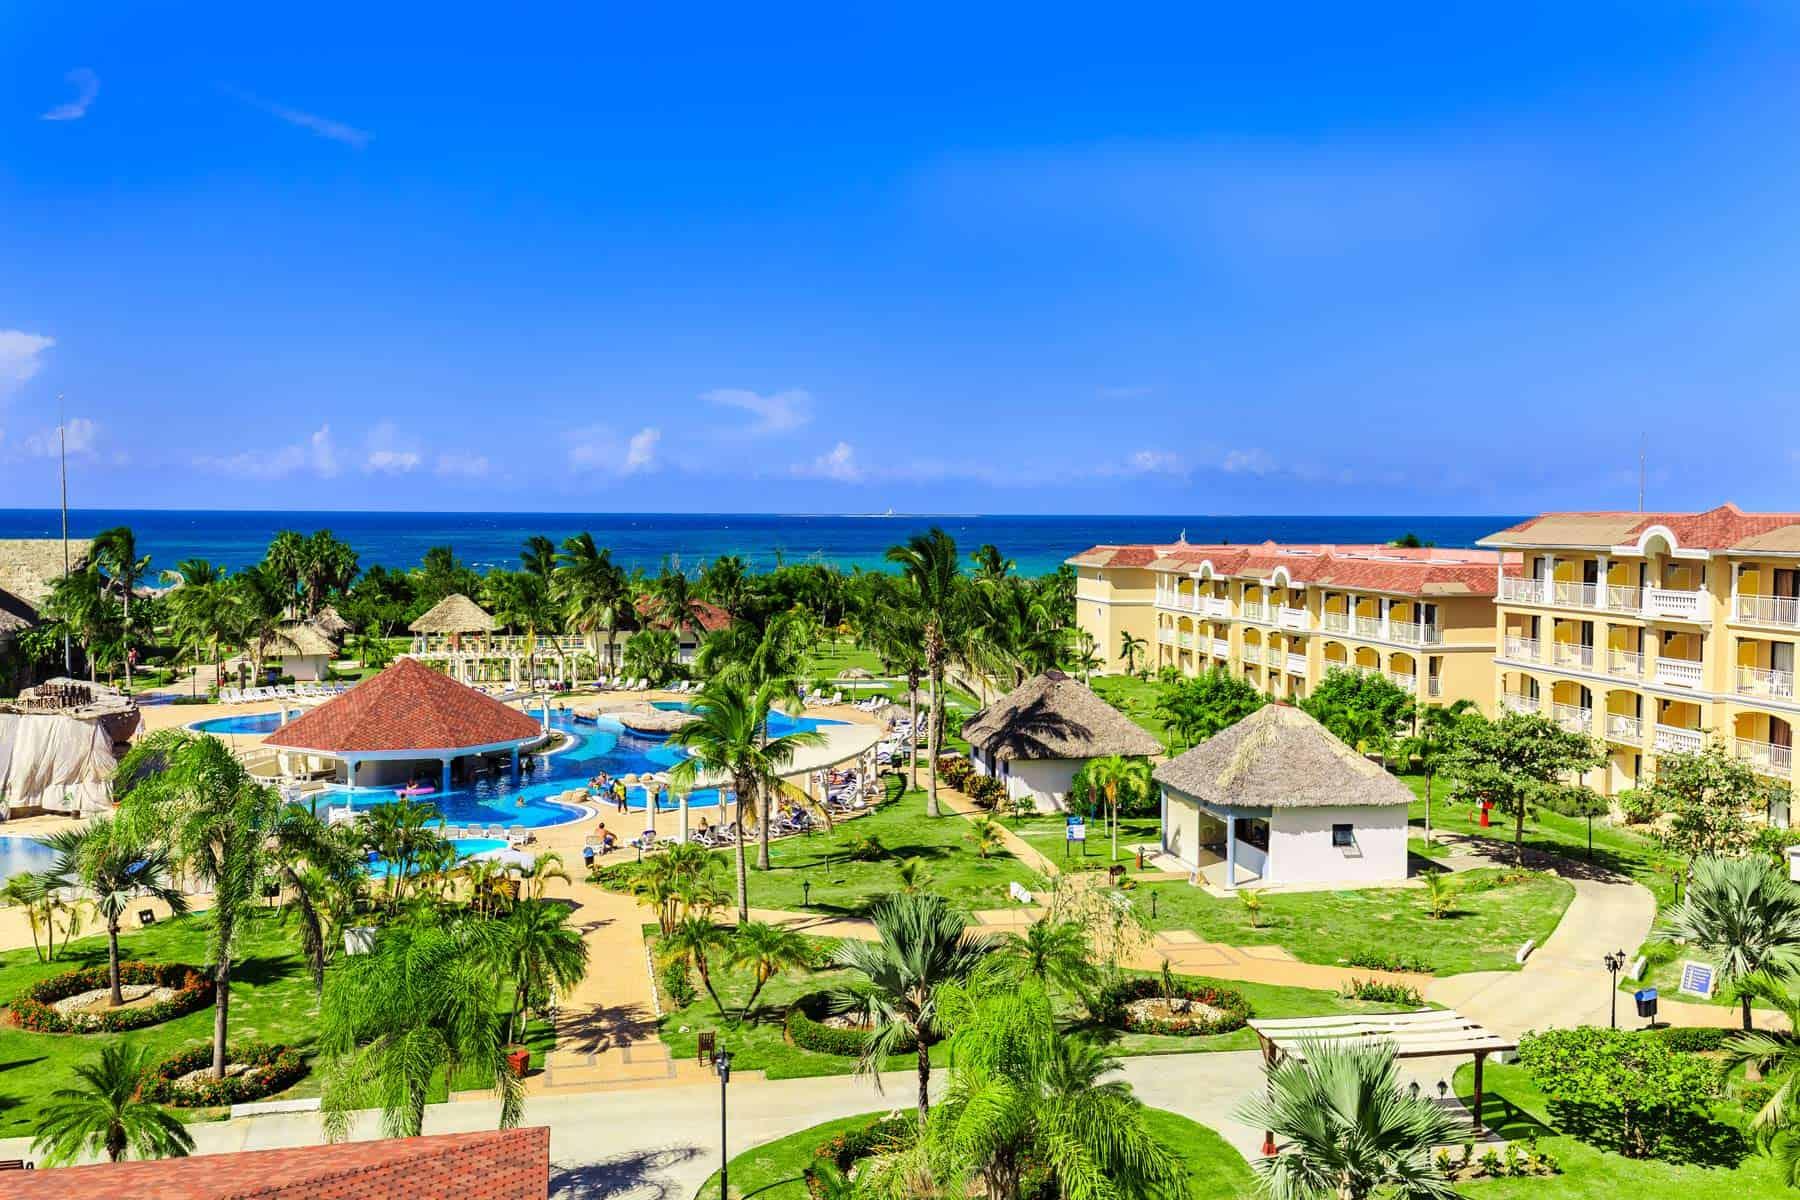 hoteles iberostar que abriran proximamente en Cuba